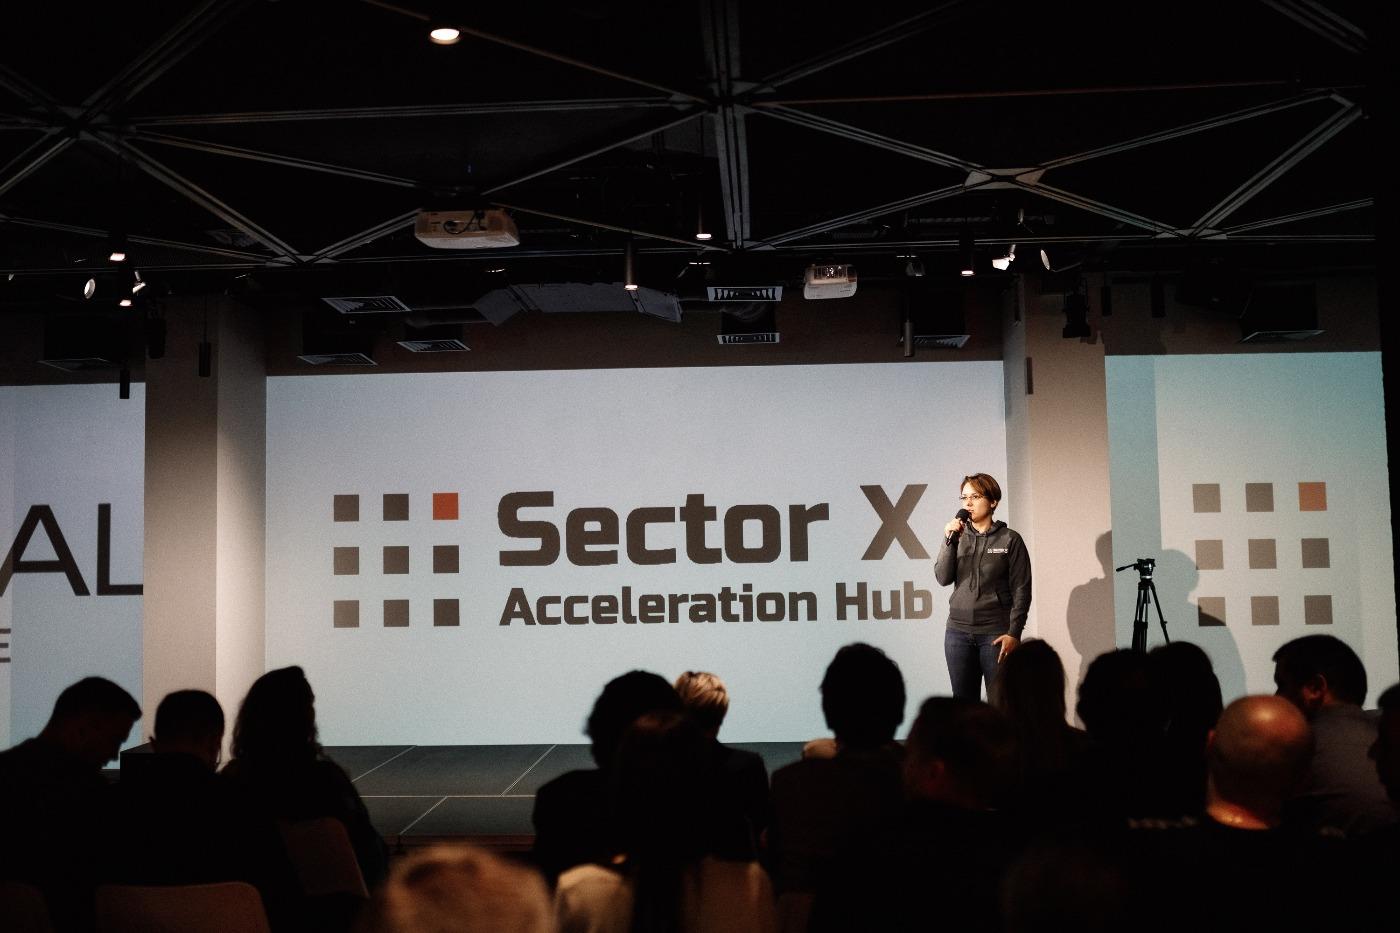 📱 14 українських стартапів пройшли в акселераційний хаб Sector X з експертизою корпорацій